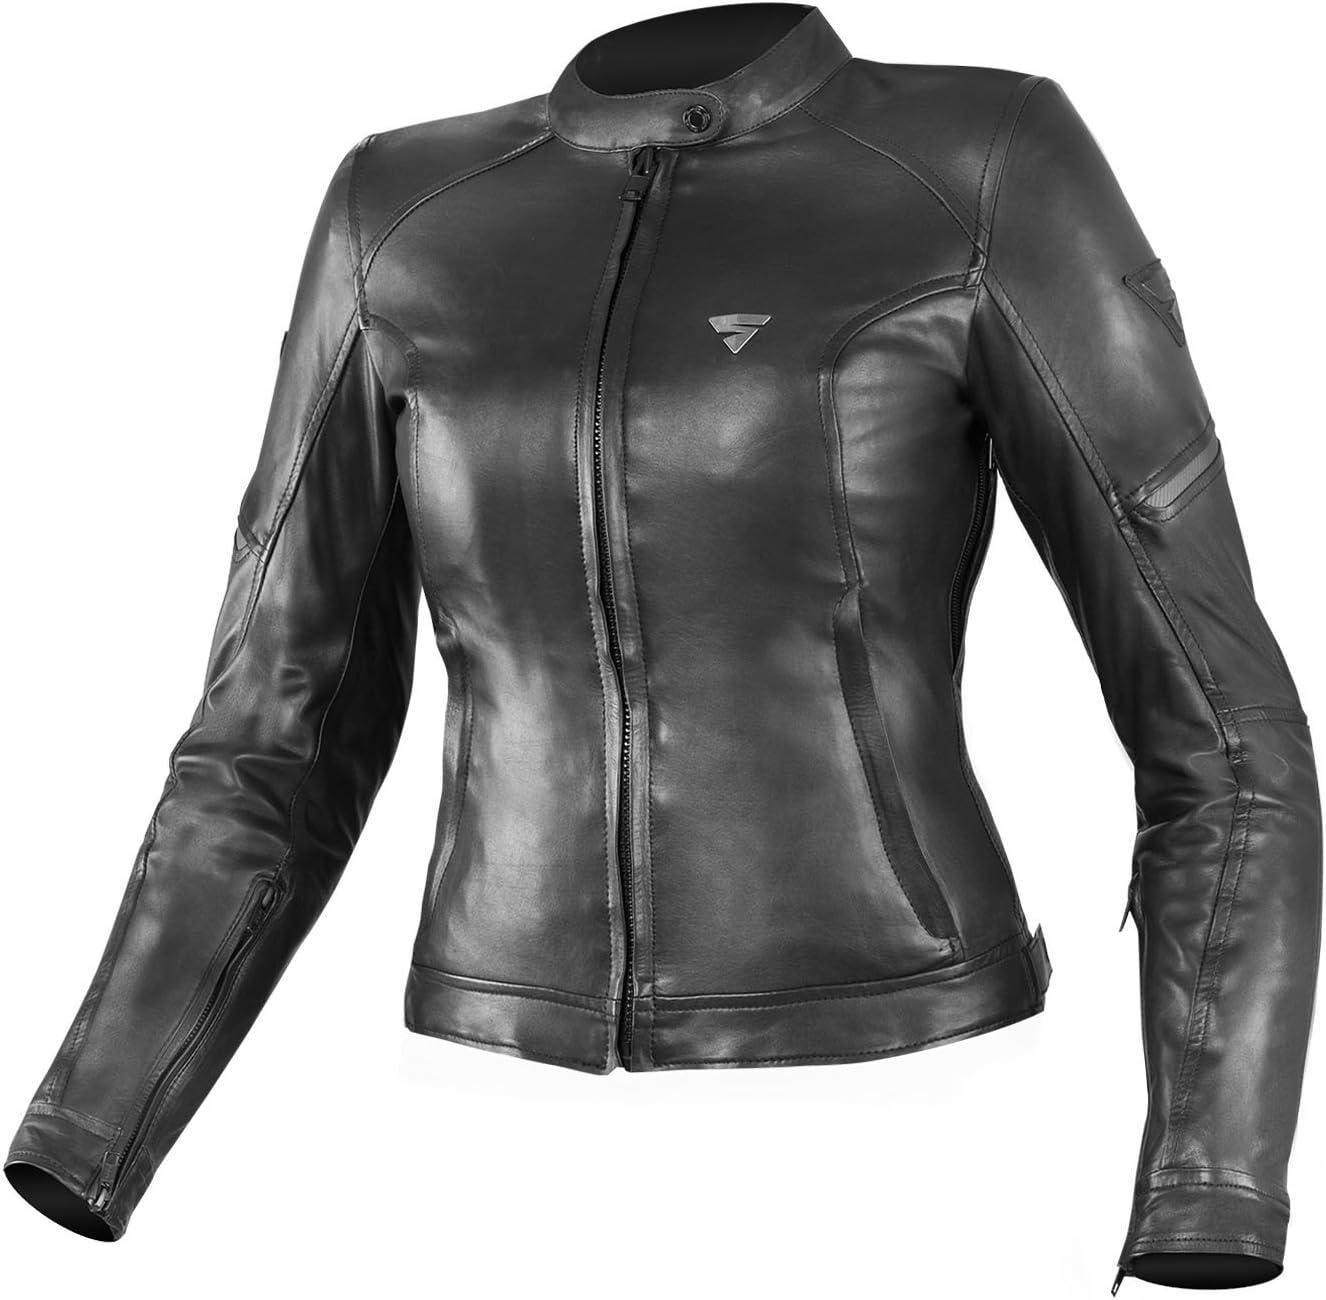 SHIMA MONACO BLACK, Chaqueta clásica de cuero vintage para damas de motocicleta (Negro, M)